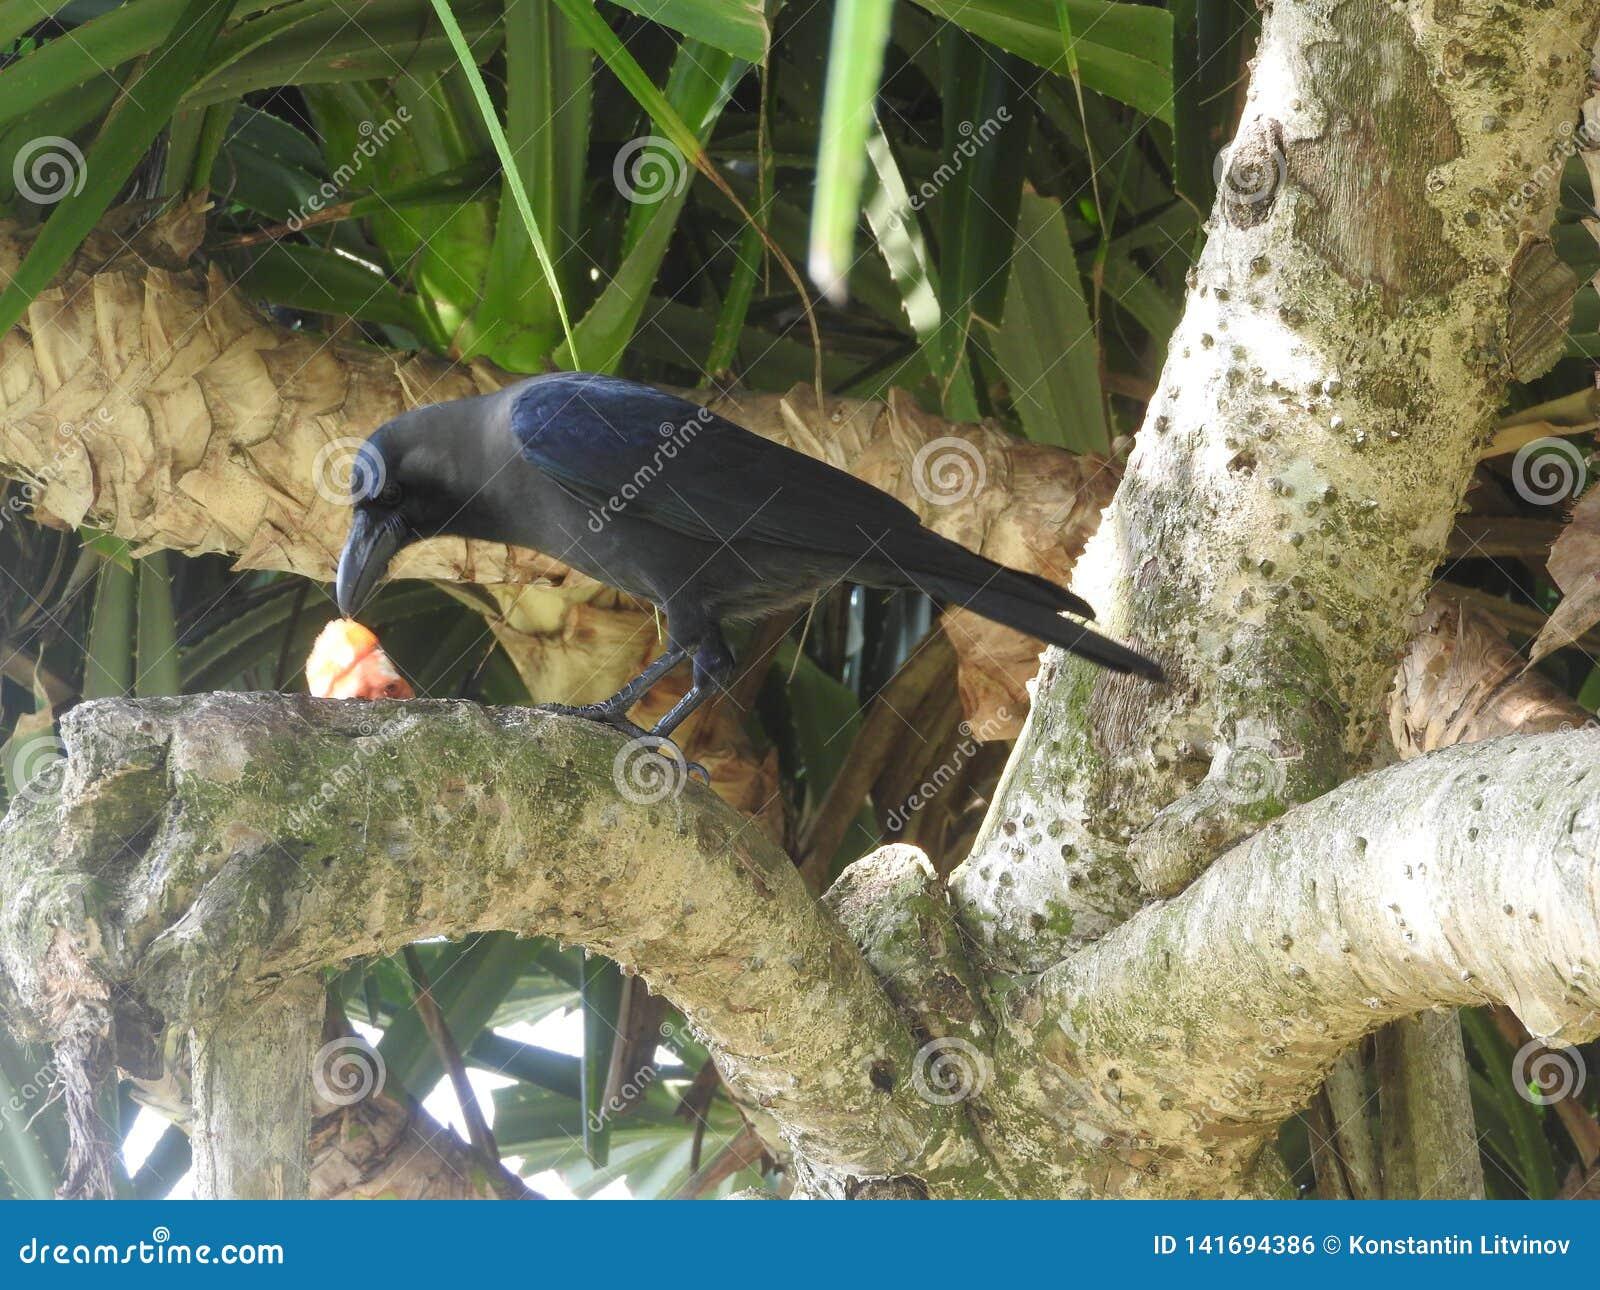 El cuervo negro come puntualmente la presa en la hierba, una rama, Sri Lanka